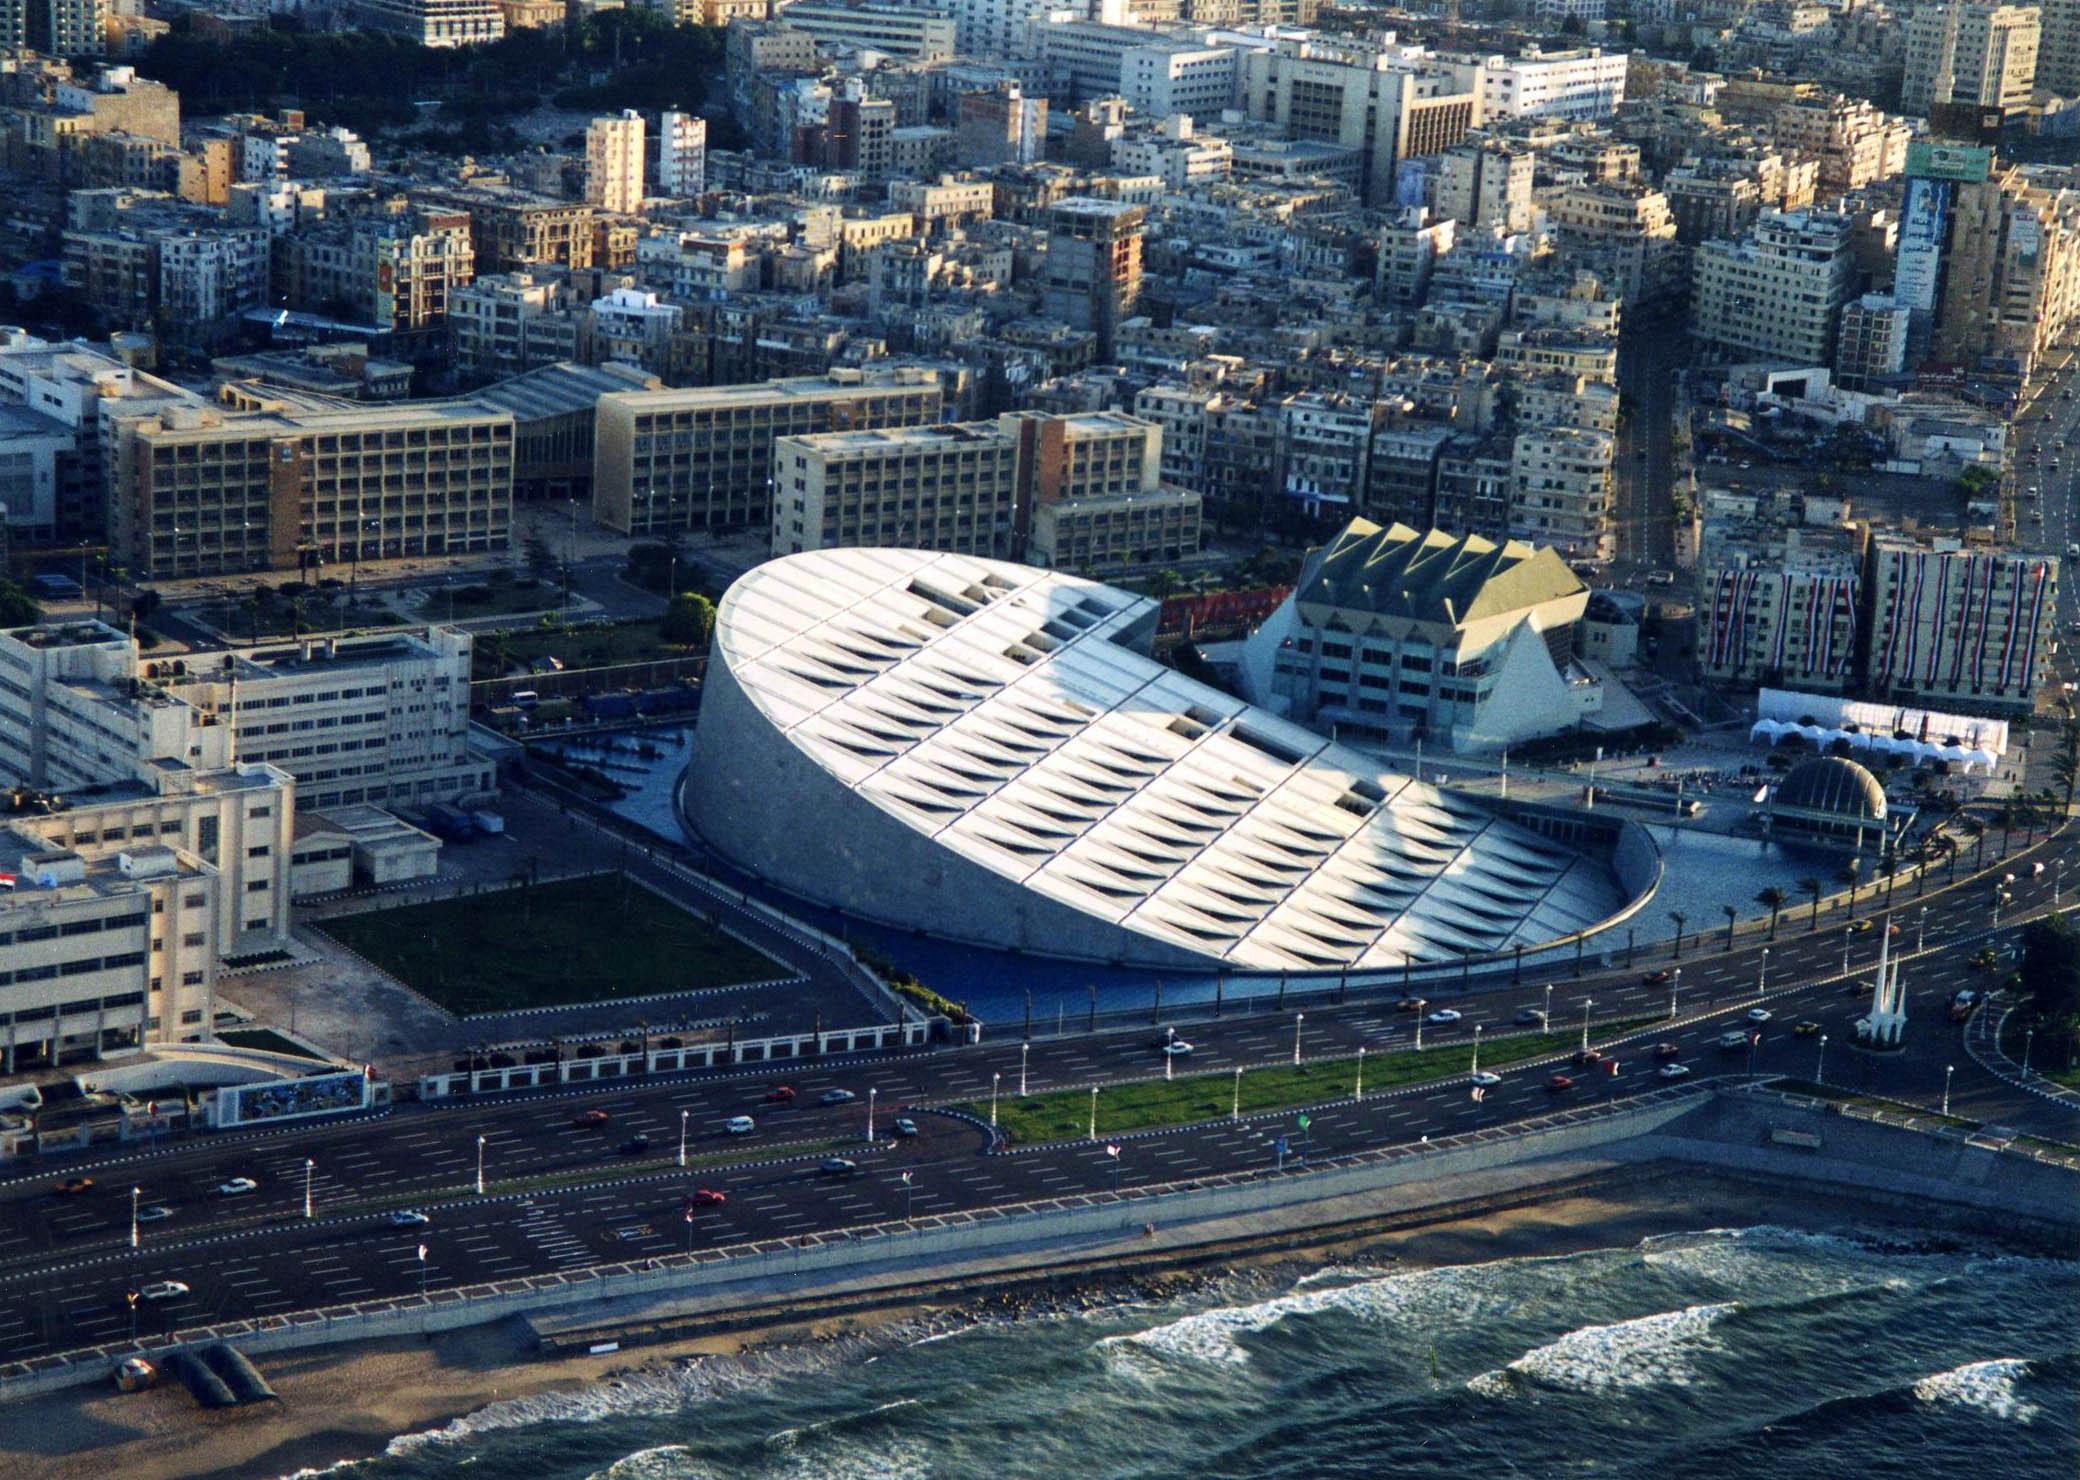 مكتبة الاسكندرية مصر